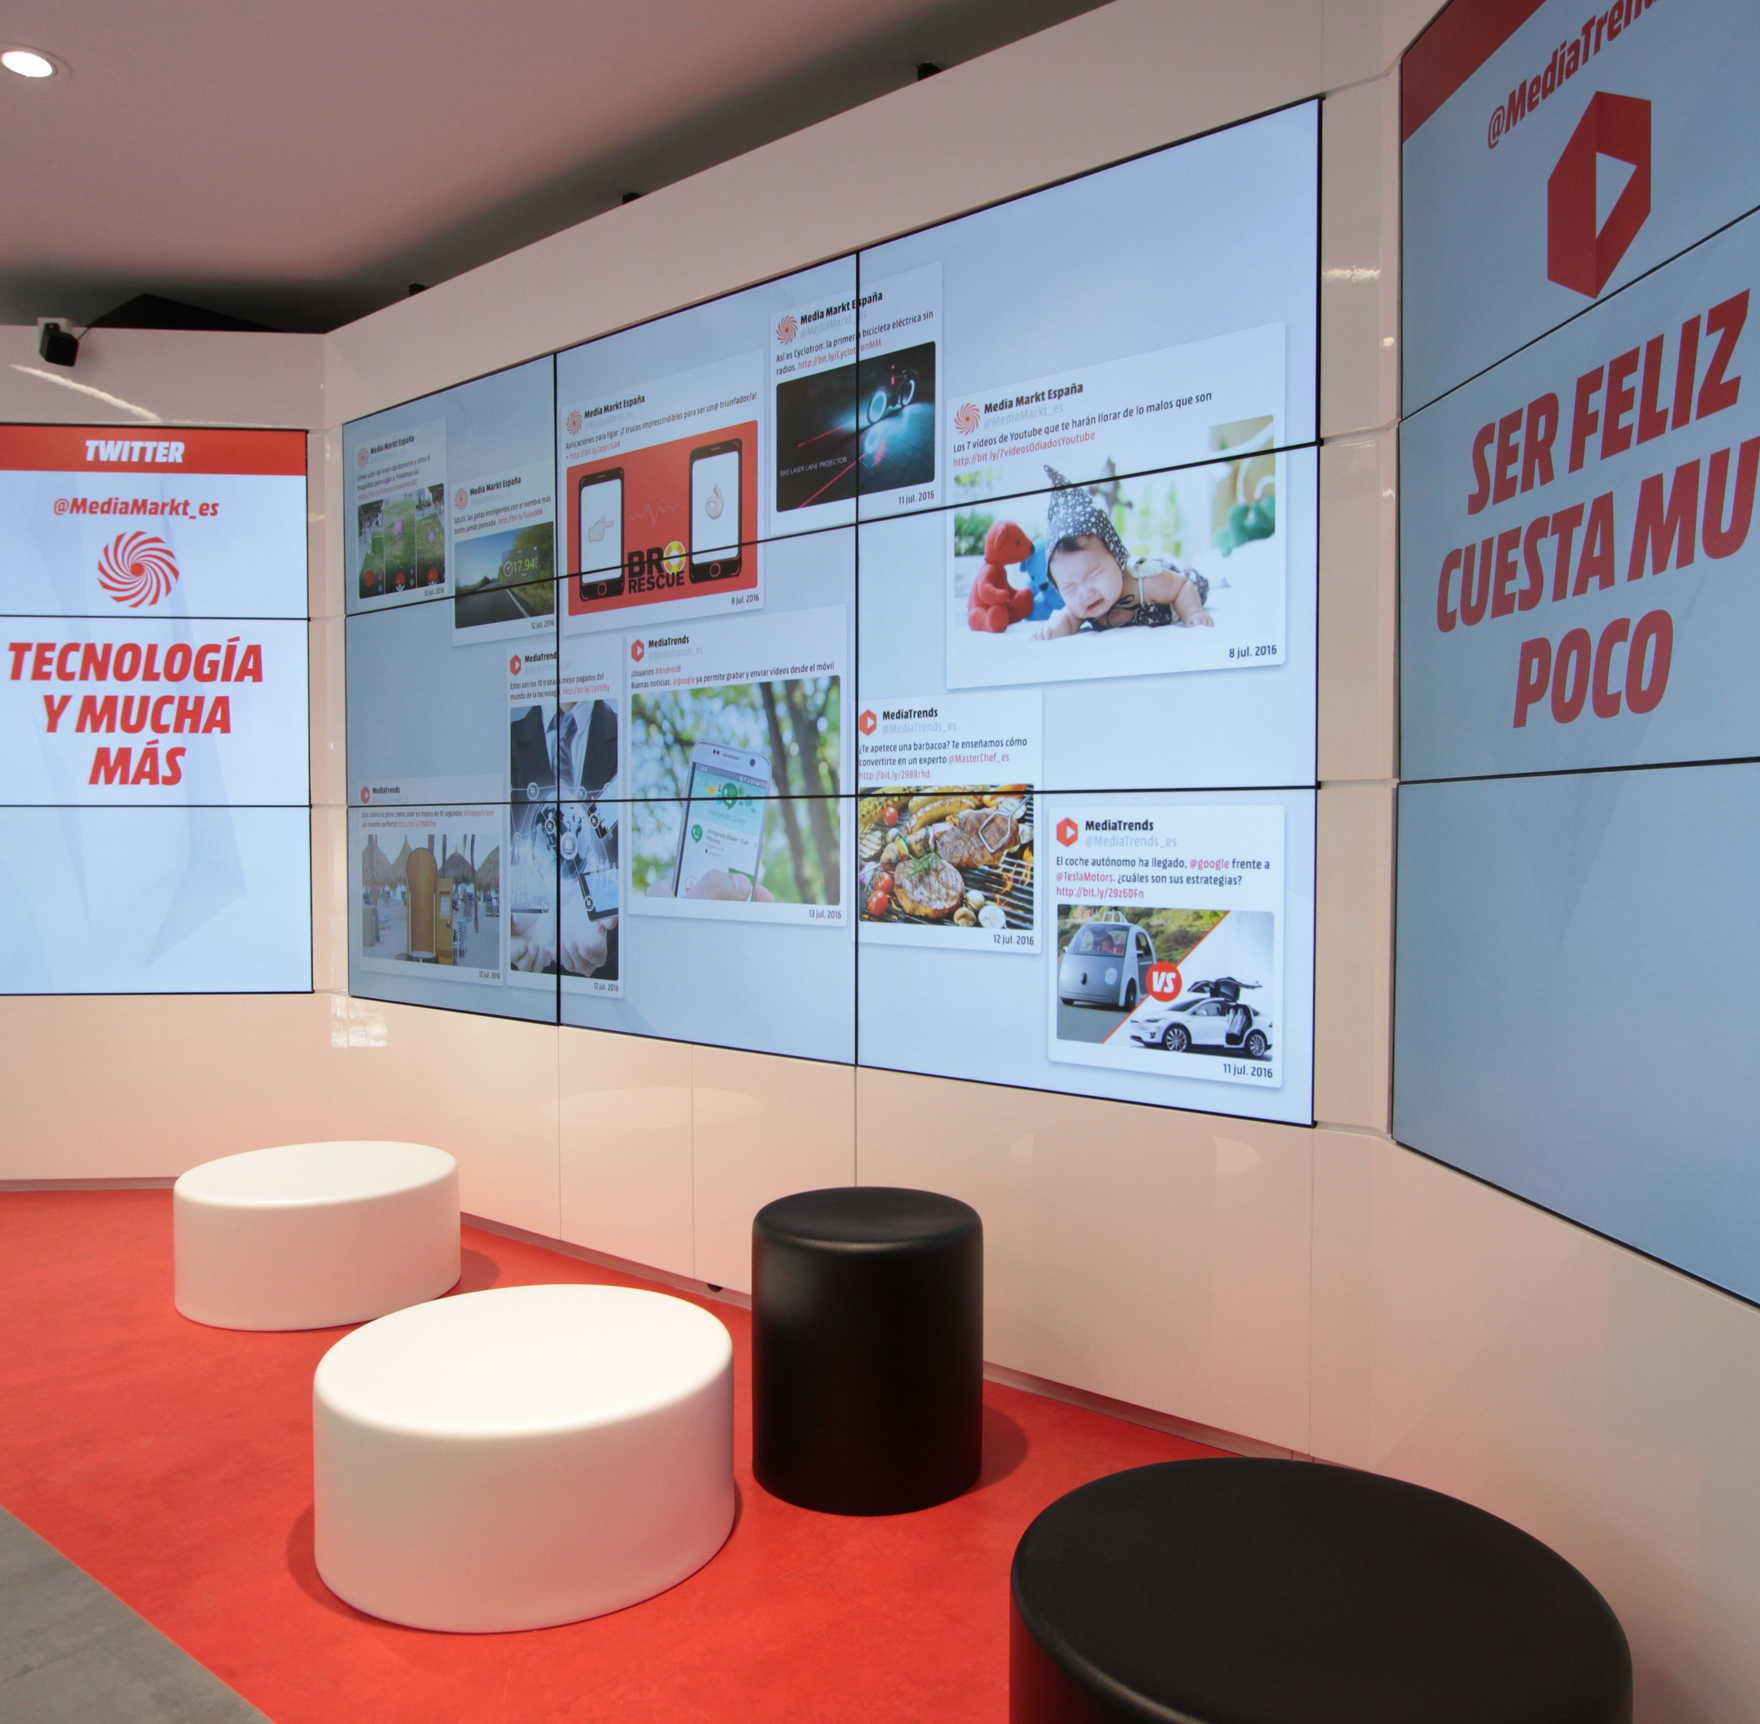 ¿Cómo es la experiencia de compra en Media Markt Digital Store?